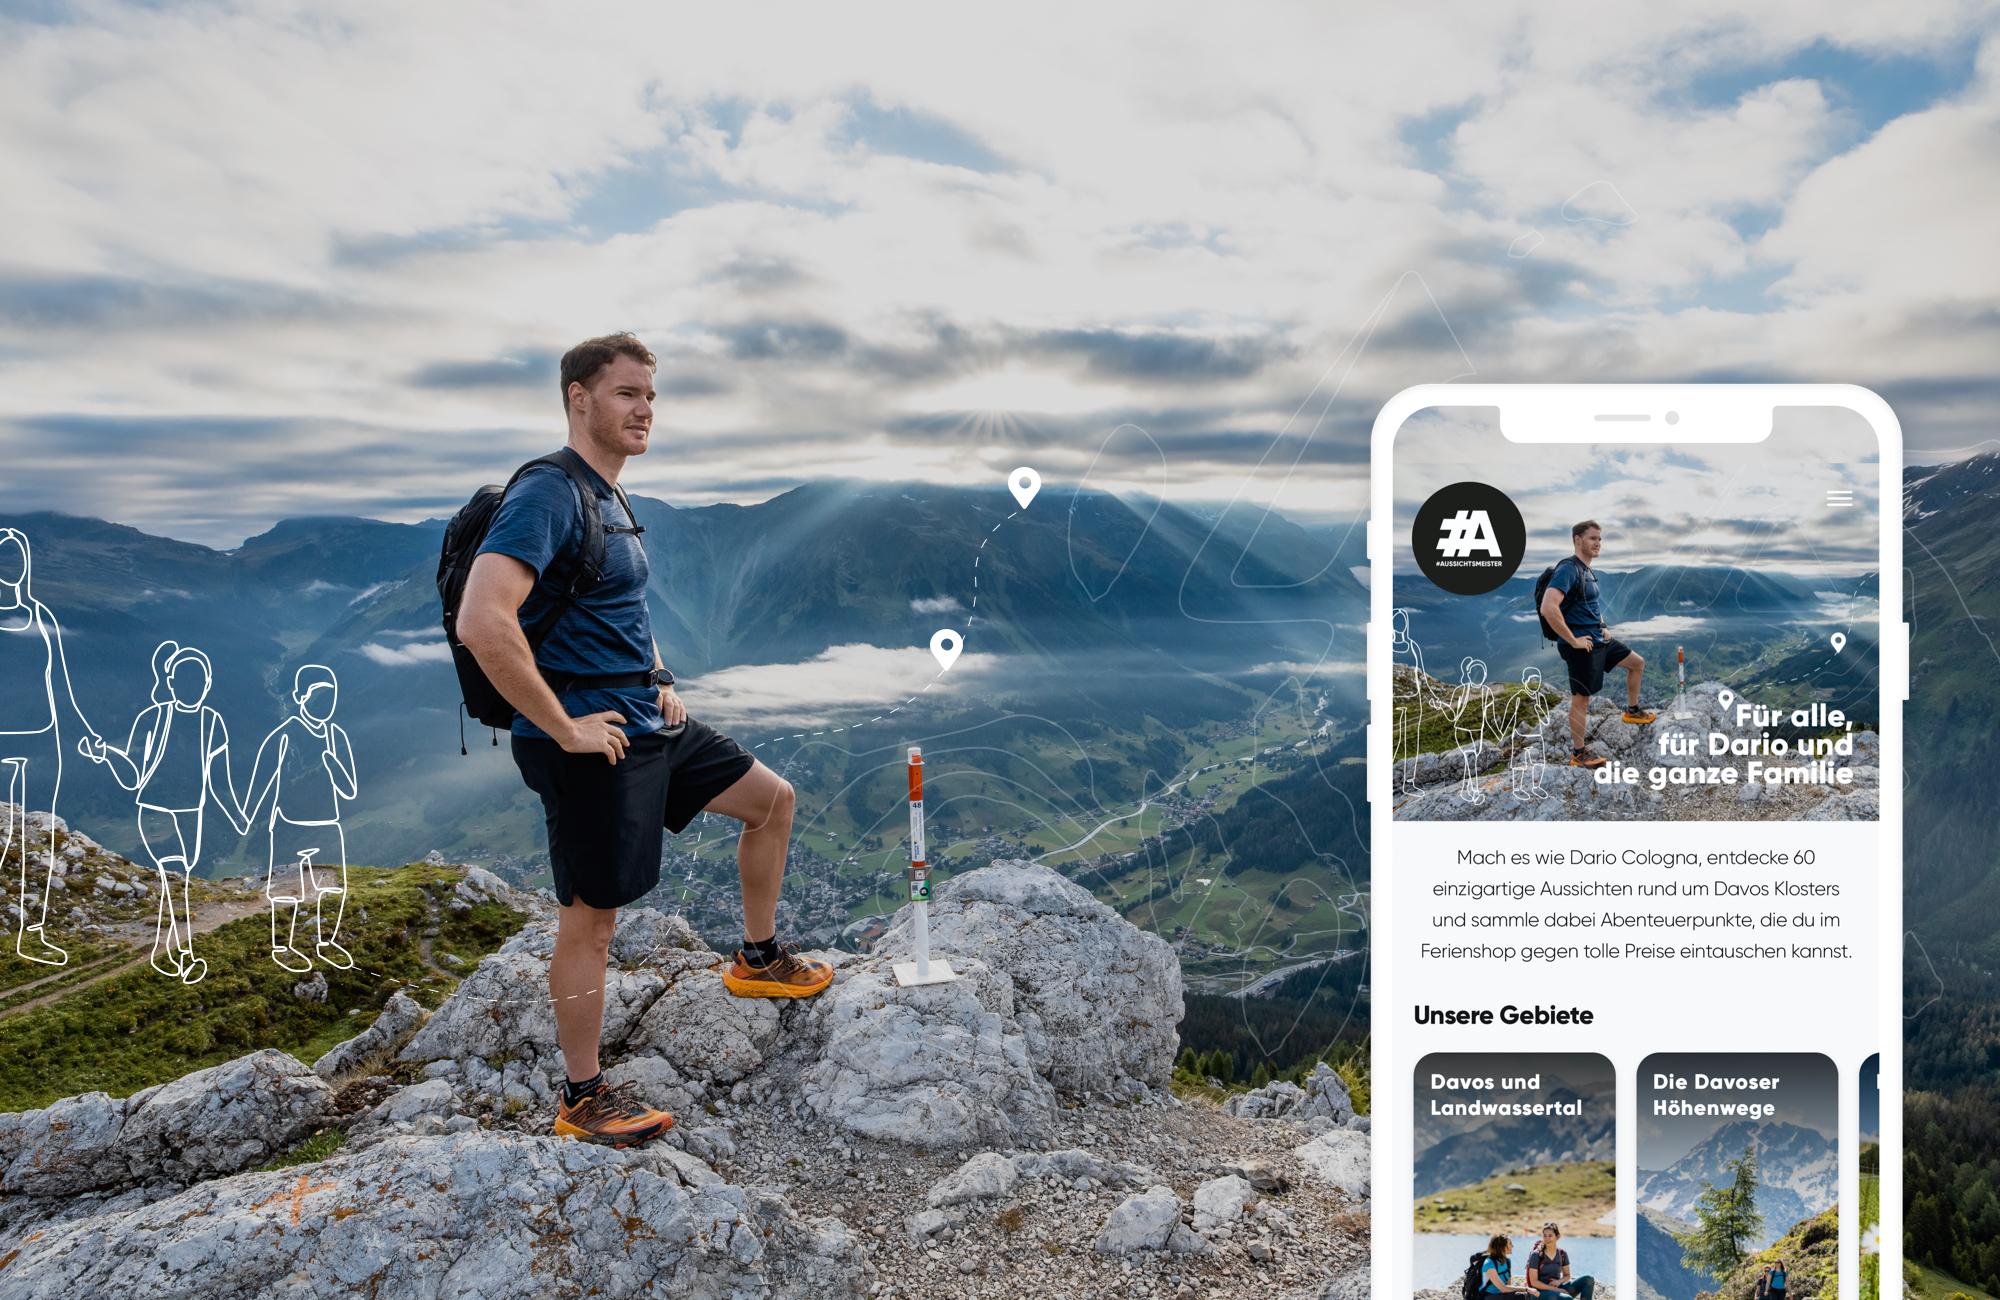 Key_Visual_Aussichtsmeister_mit_Dario_Cologna_und_App-Mockup